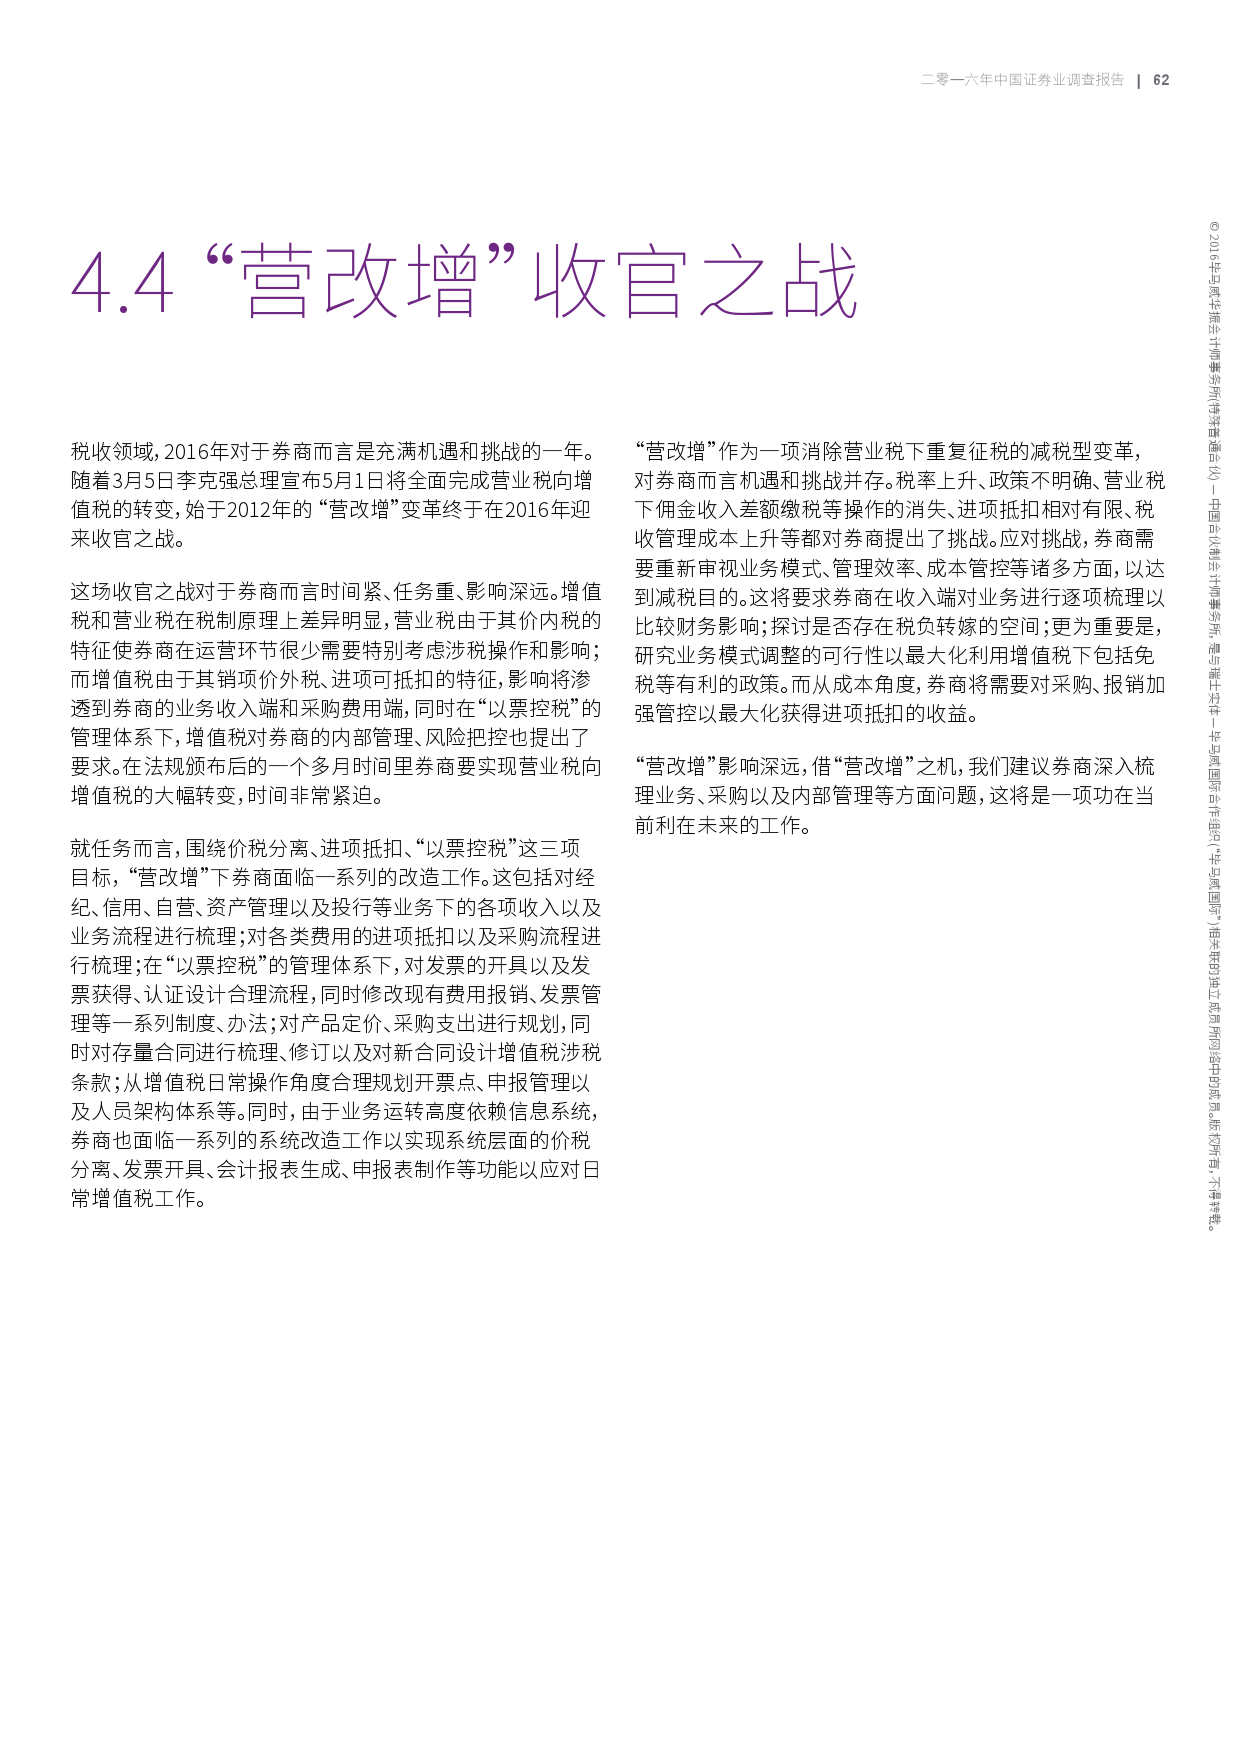 2016年中国证券业调查报告_000065